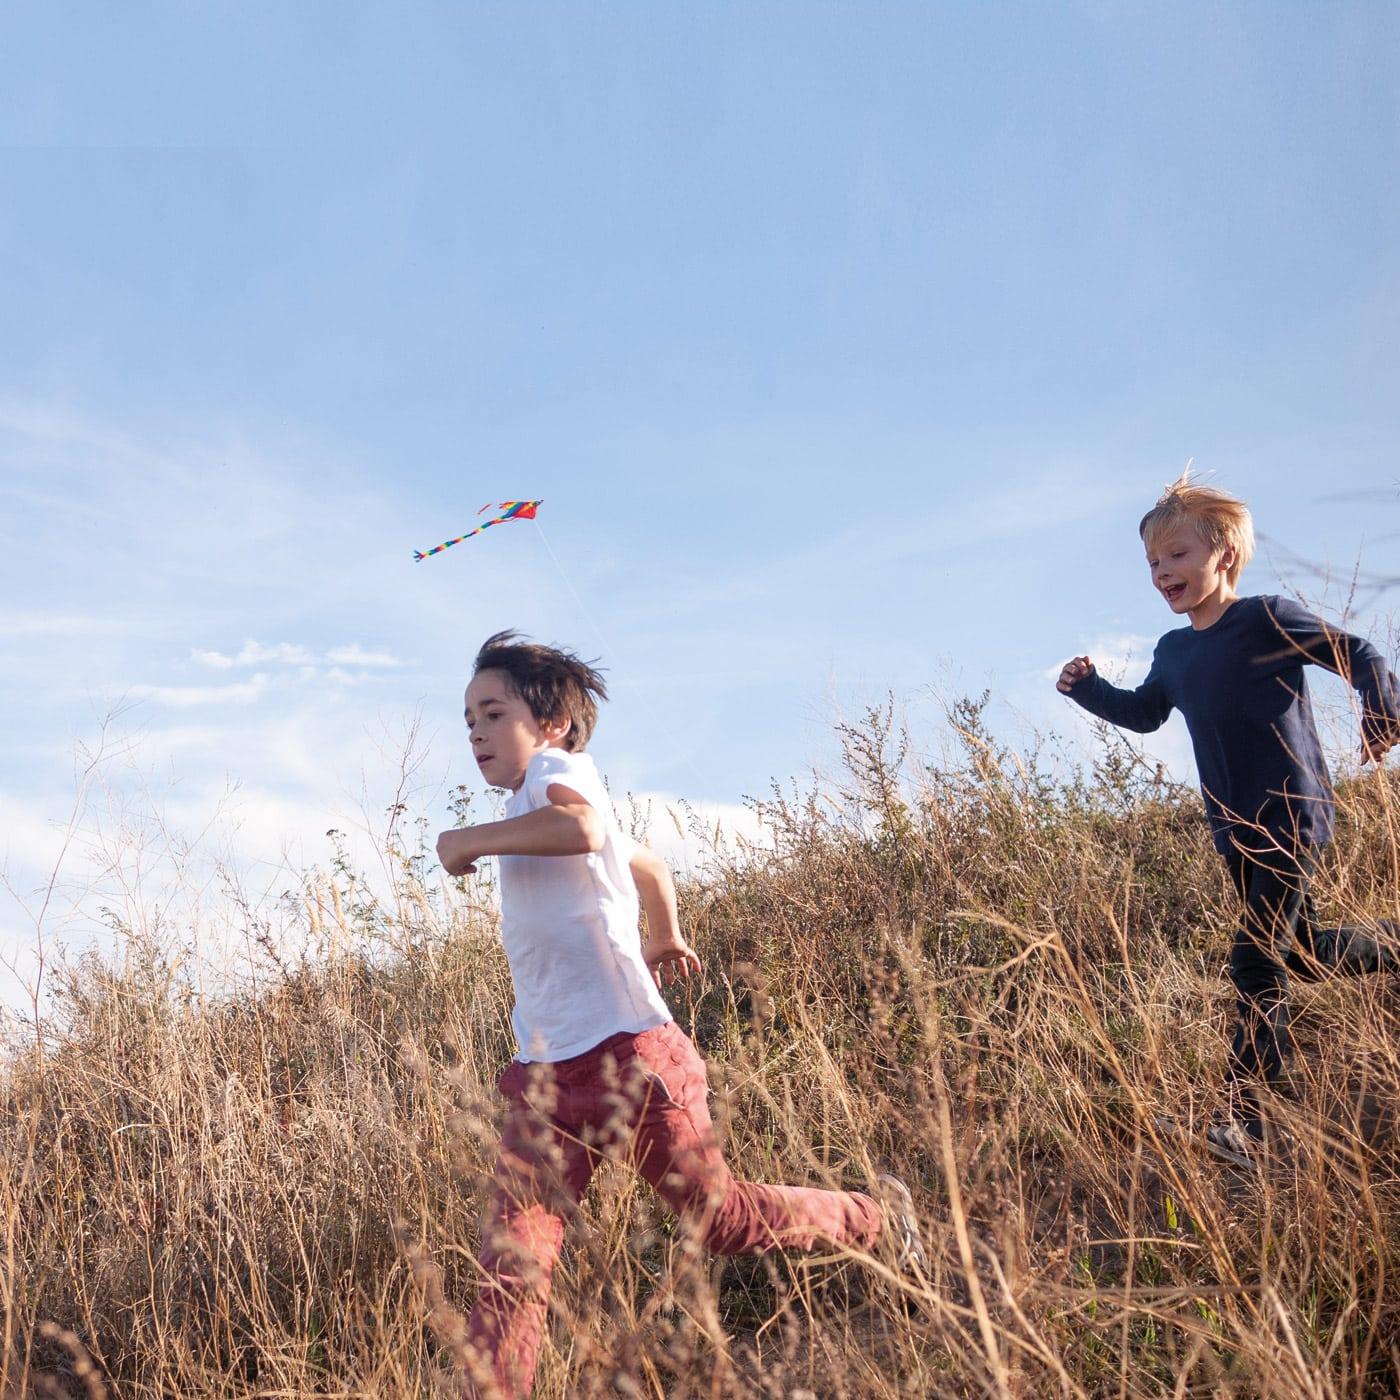 HIMBEER Newsletter: Wochenende-Tipps-Newsletter mit den besten Tipps zu Events für Familien und Unternehmungen mit Kindern in Berlin und Umland // HIMBEER